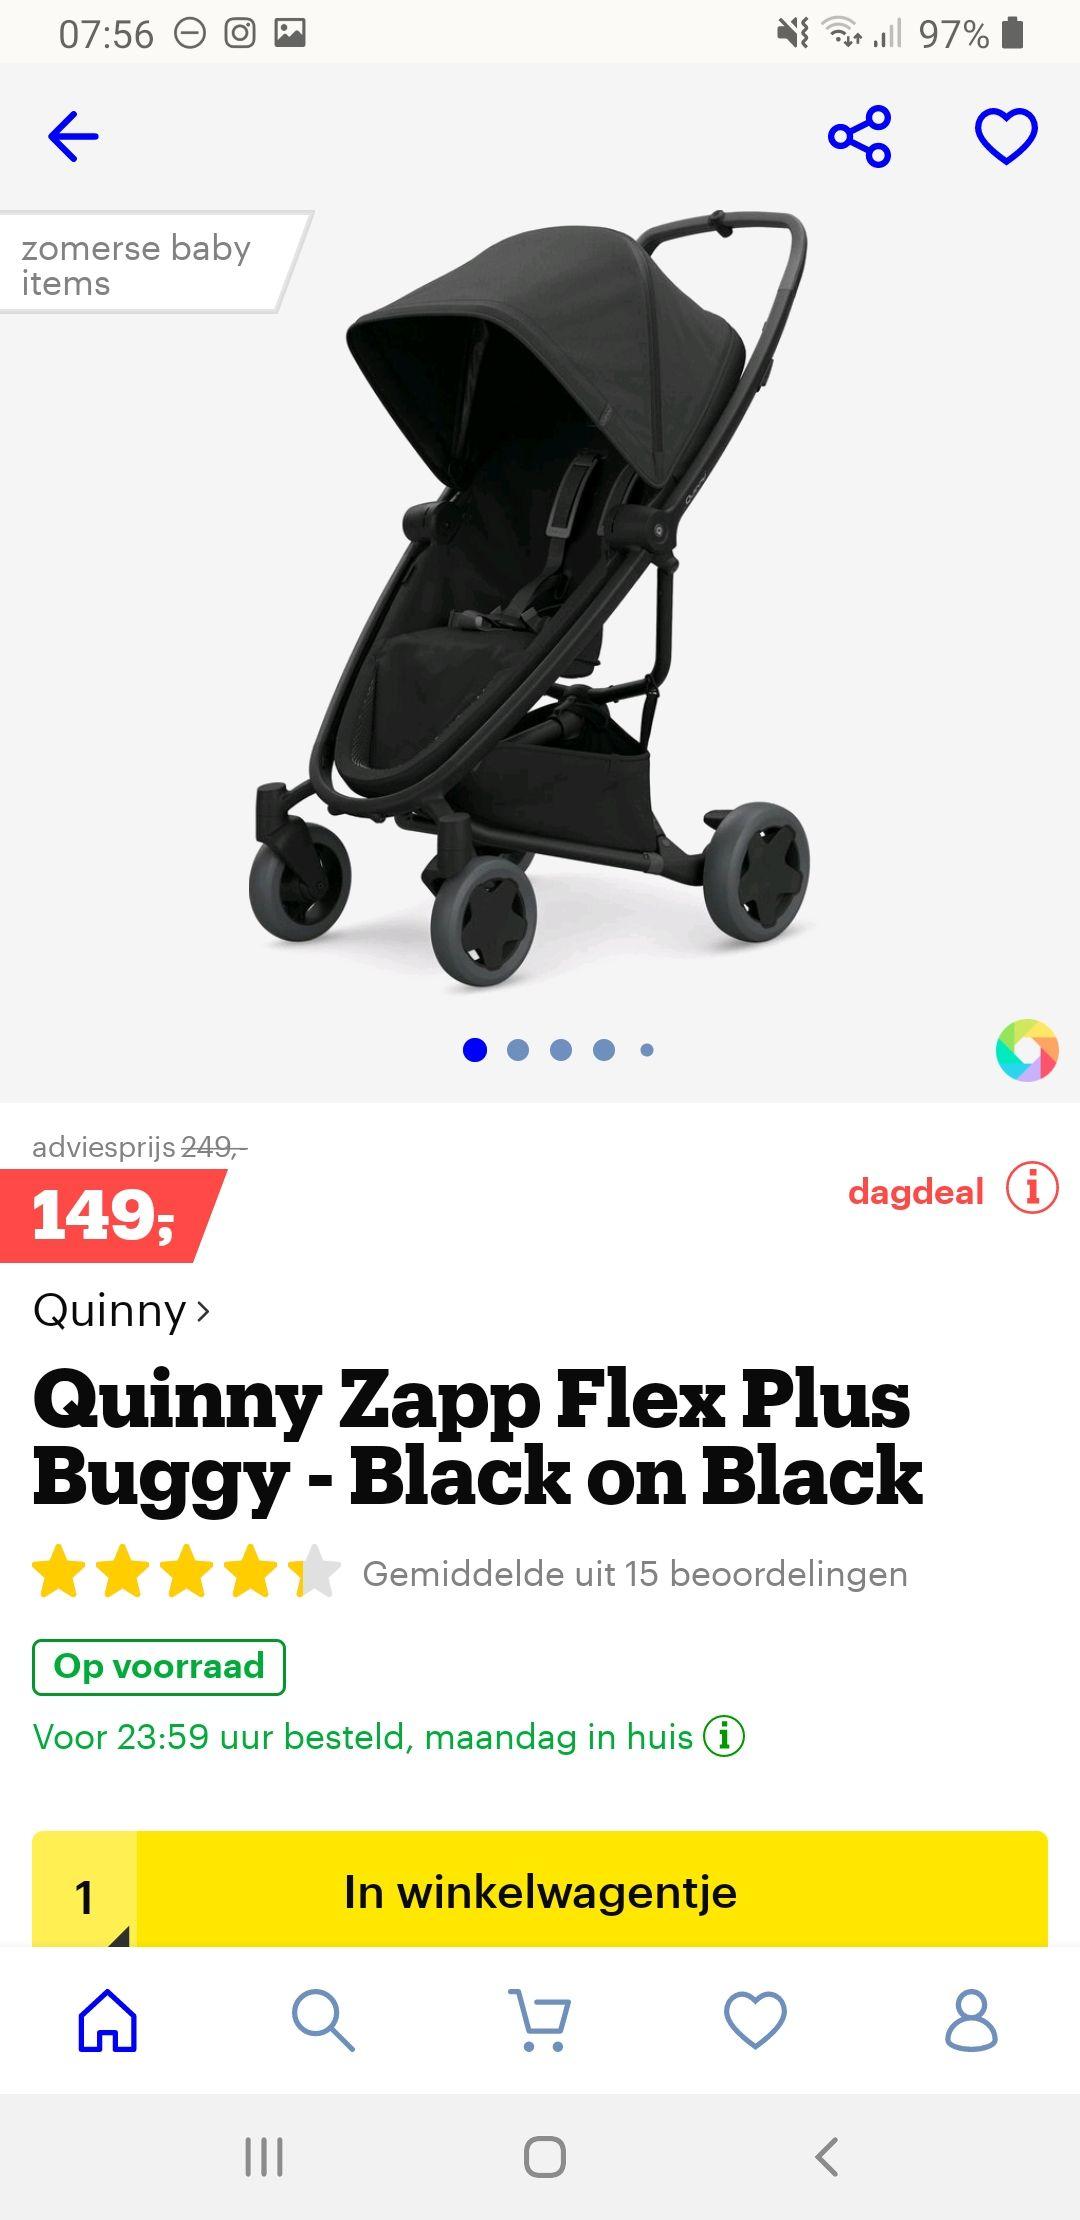 Quinny Zapp flex plus buggy @bol.com